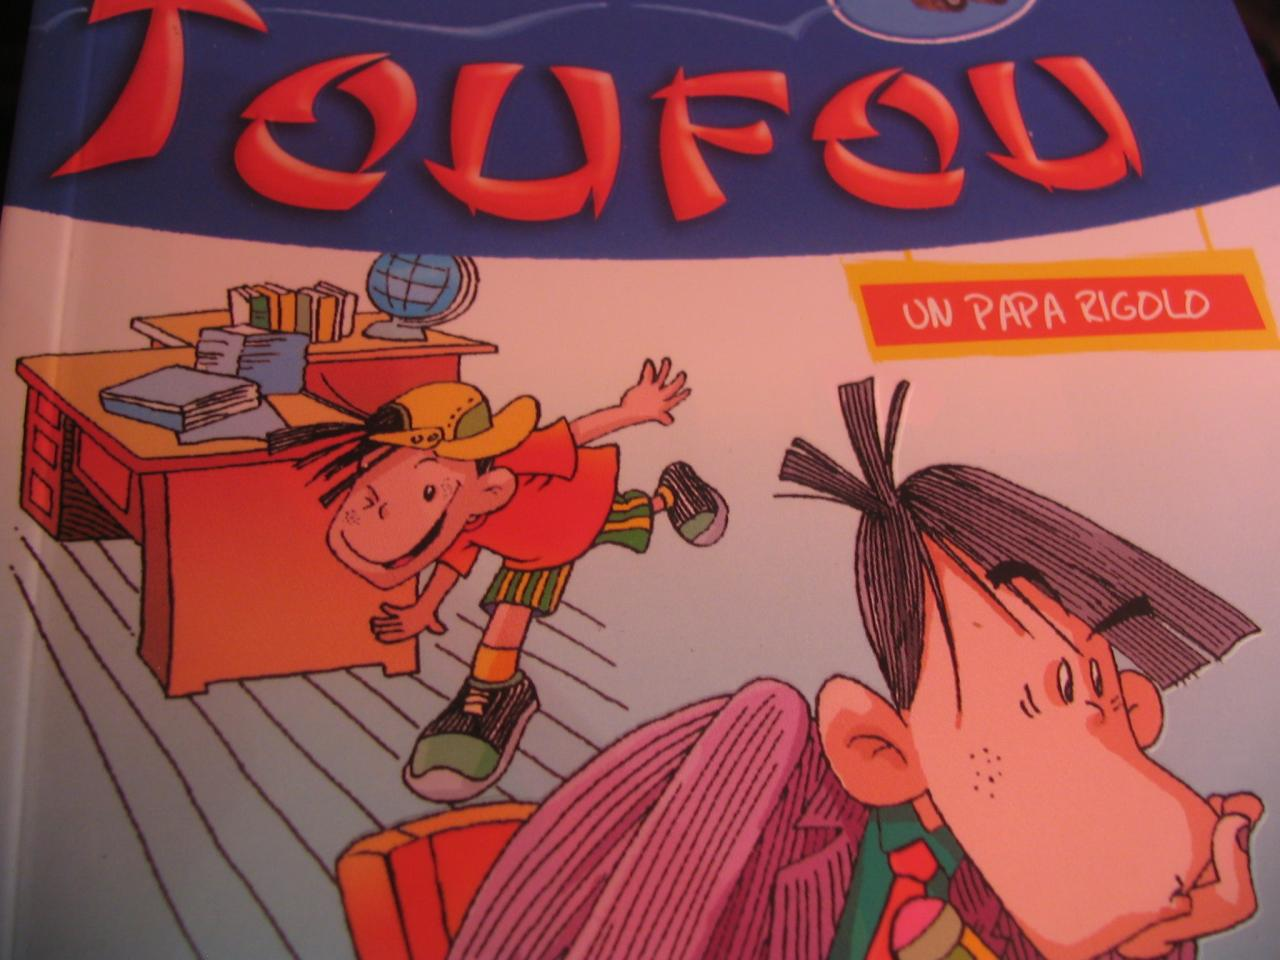 Toufou